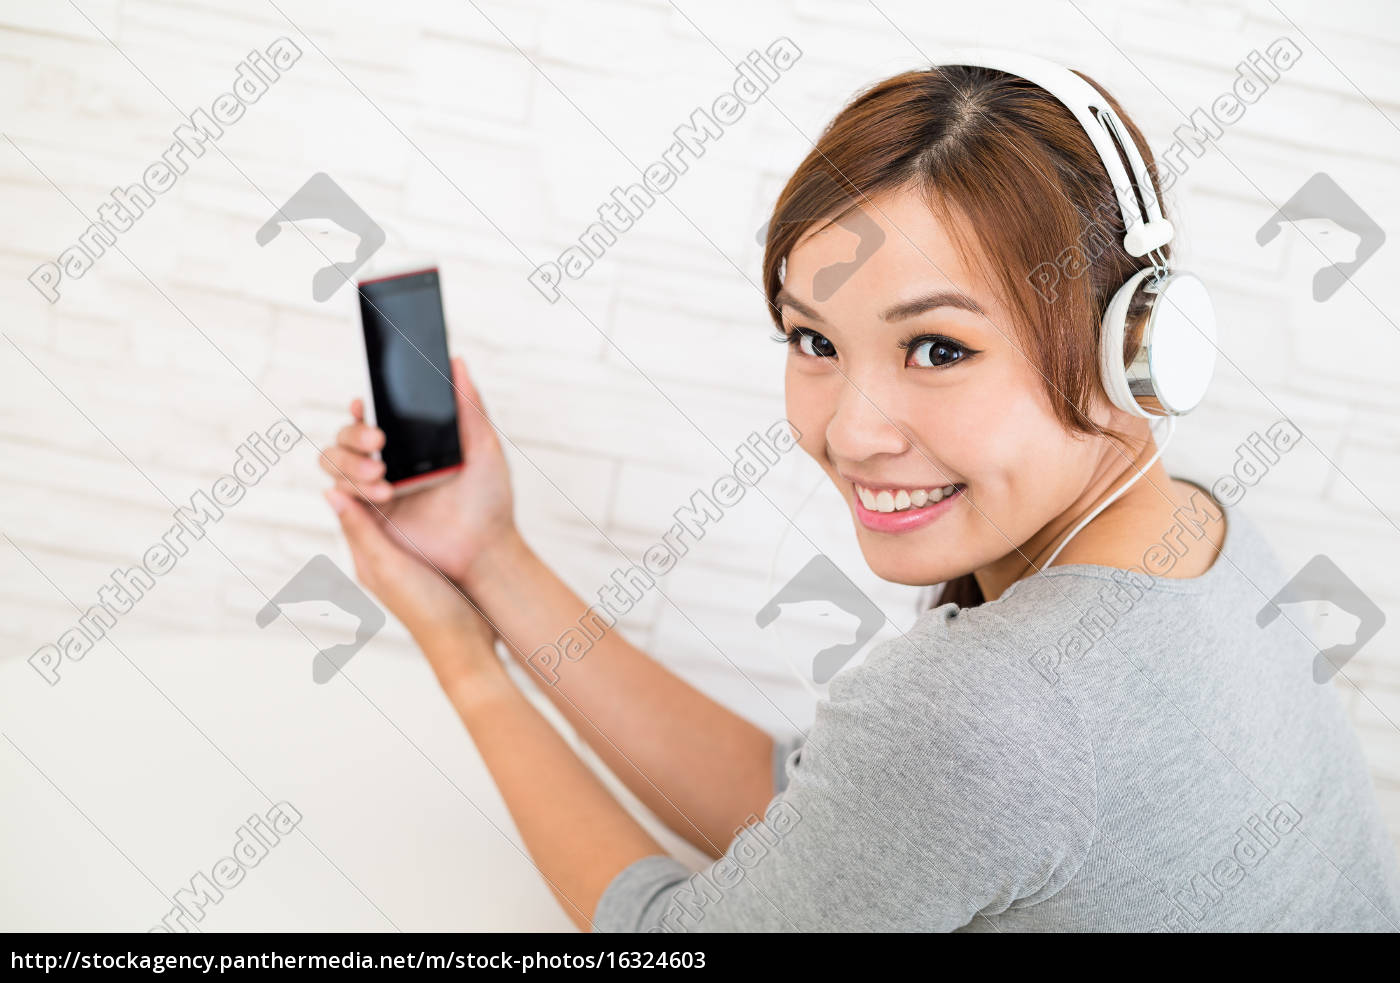 frau, hört, musik, mit, kopfhörer, an - 16324603